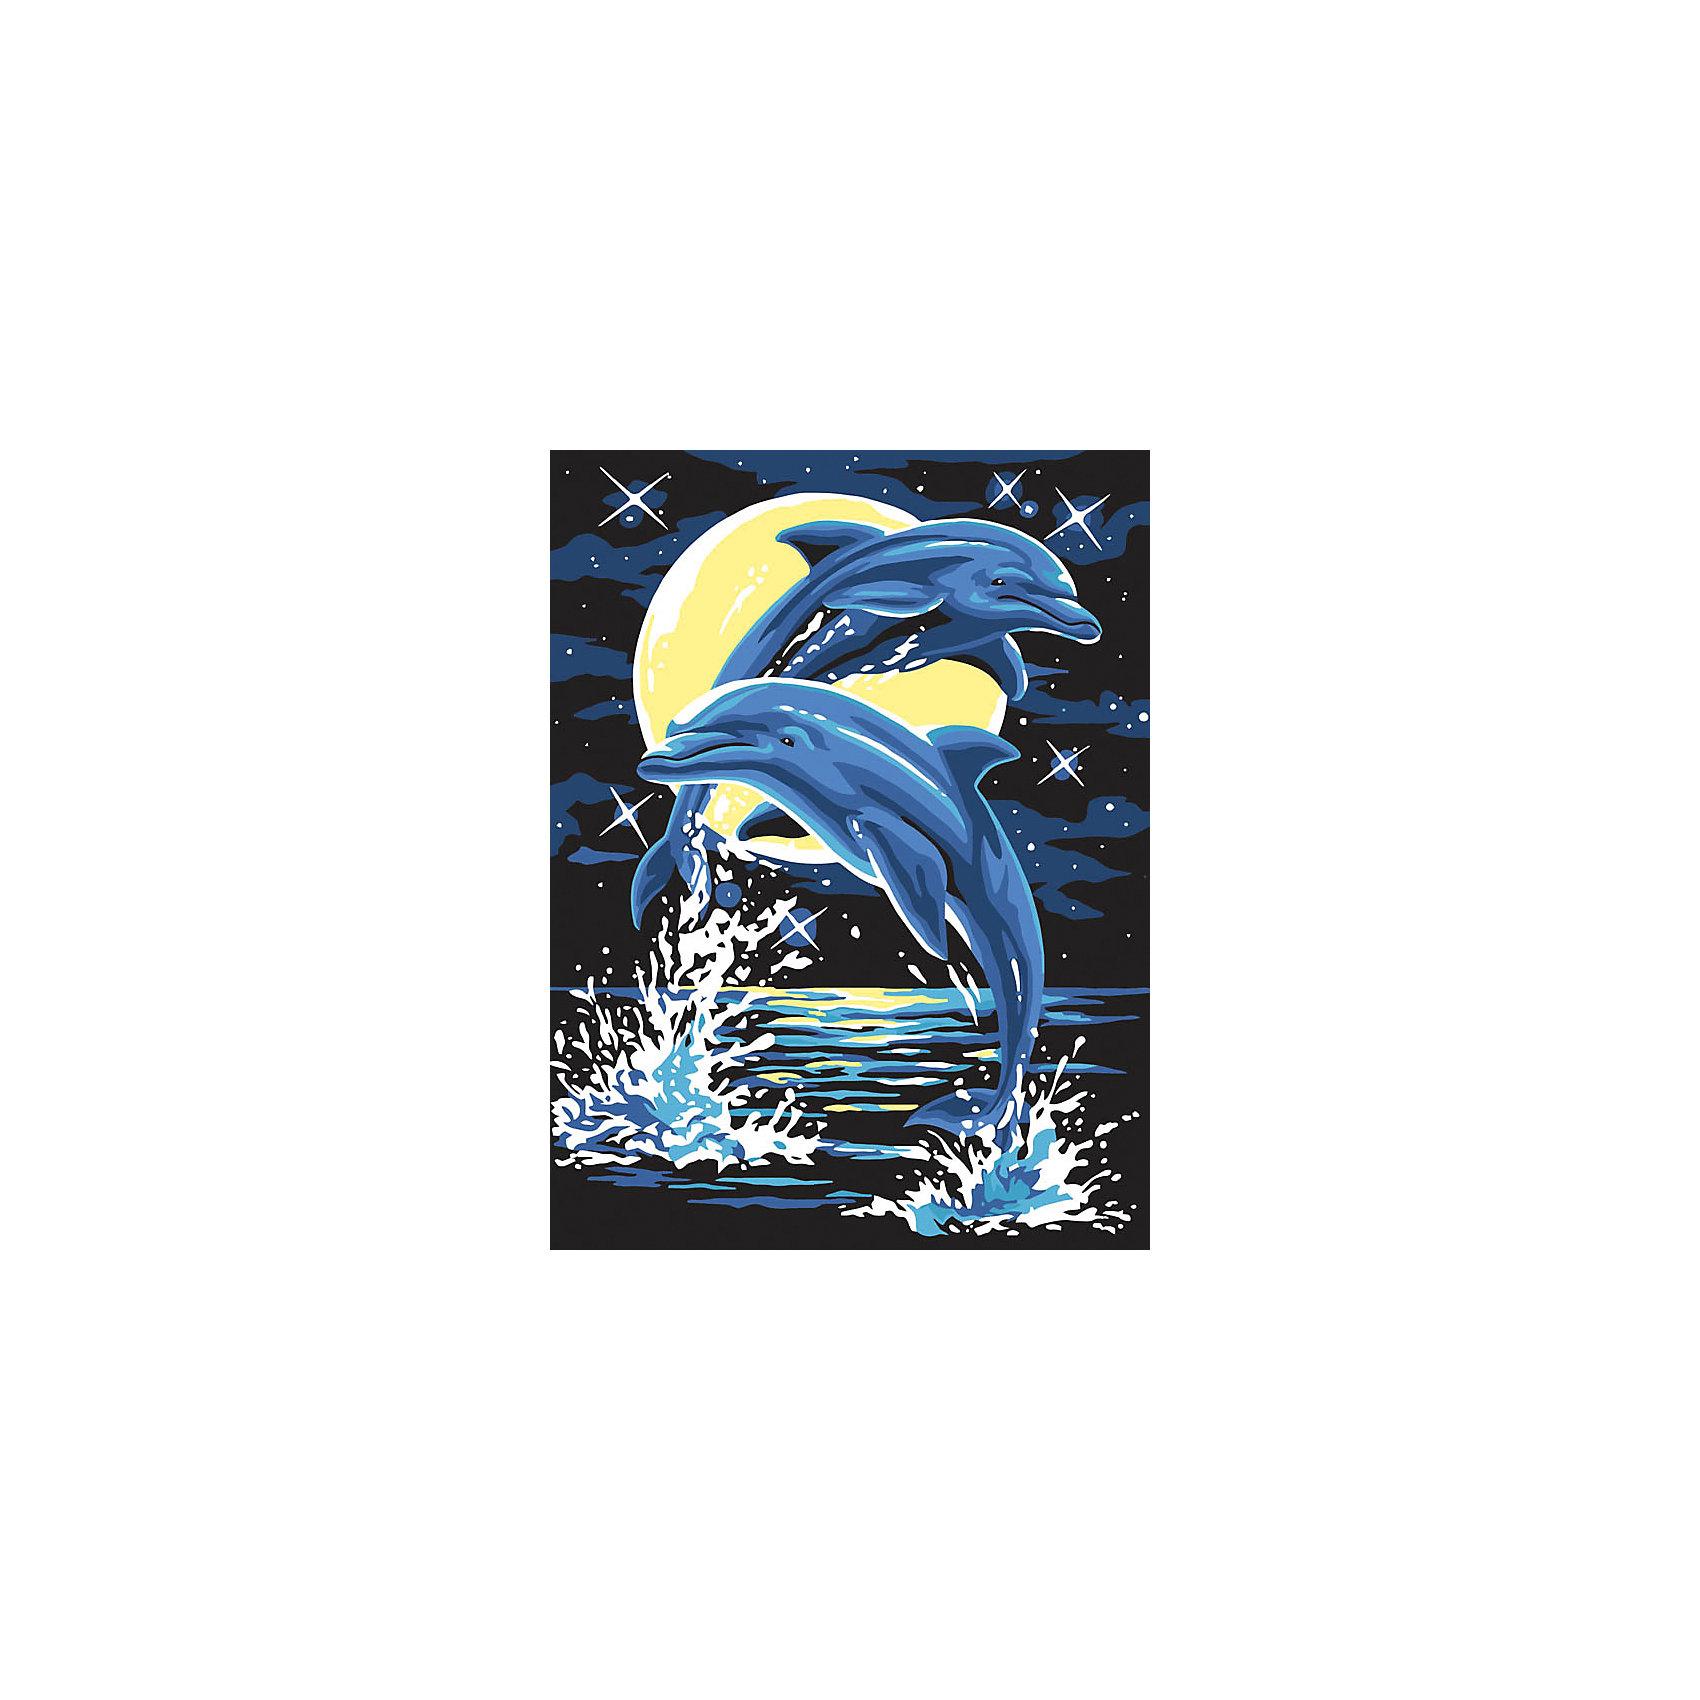 Живопись на холсте 30*40 см ДельфиныРисование<br>Характеристики товара:<br><br>• цвет: разноцветный<br>• материал: акрил, картон<br>• размер: 30 x 40 см<br>• комплектация: полотно на подрамнике с контурами рисунка, пробный лист с рисунком, набор акриловых красок, три кисти, крепление на стену для картины<br>• для детей от шести лет и взрослых<br>• не требует специальных навыков<br>• страна бренда: Китай<br>• страна изготовитель: Китай<br><br>Как с удовольствием и пользой провести время? Порисовать! Это занятие, которое любят многие дети и взрослые. Рисование помогает развить важные навыки и просто приносит удовольствие! Чтобы вселить в ребенка уверенность в своих силах, можно предложить ему этот набор - в нем уже есть сюжет, контуры рисунка и участки с номерами, которые обозначают определенную краску из набора. Все оттенки уже готовы, задача художника - аккуратно, с помощью кисточек из набора, нанести краски на определенный участок полотна.<br>Взрослым также понравится этот процесс, рисовать можно и вместе с малышом! В итоге получается красивая картина, которой можно украсить интерьер. Рисование способствует развитию мелкой моторики, воображения, цветовосприятия, творческих способностей и усидчивости. Набор отлично проработан, сделан из качественных и проверенных материалов, которые безопасны для детей. Краски - акриловые, они быстро сохнут и легко смываются с кожи.<br><br>Живопись на холсте 30*40 см Дельфины от торговой марки Белоснежка можно купить в нашем интернет-магазине.<br><br>Ширина мм: 410<br>Глубина мм: 310<br>Высота мм: 25<br>Вес г: 567<br>Возраст от месяцев: 72<br>Возраст до месяцев: 144<br>Пол: Унисекс<br>Возраст: Детский<br>SKU: 5089676